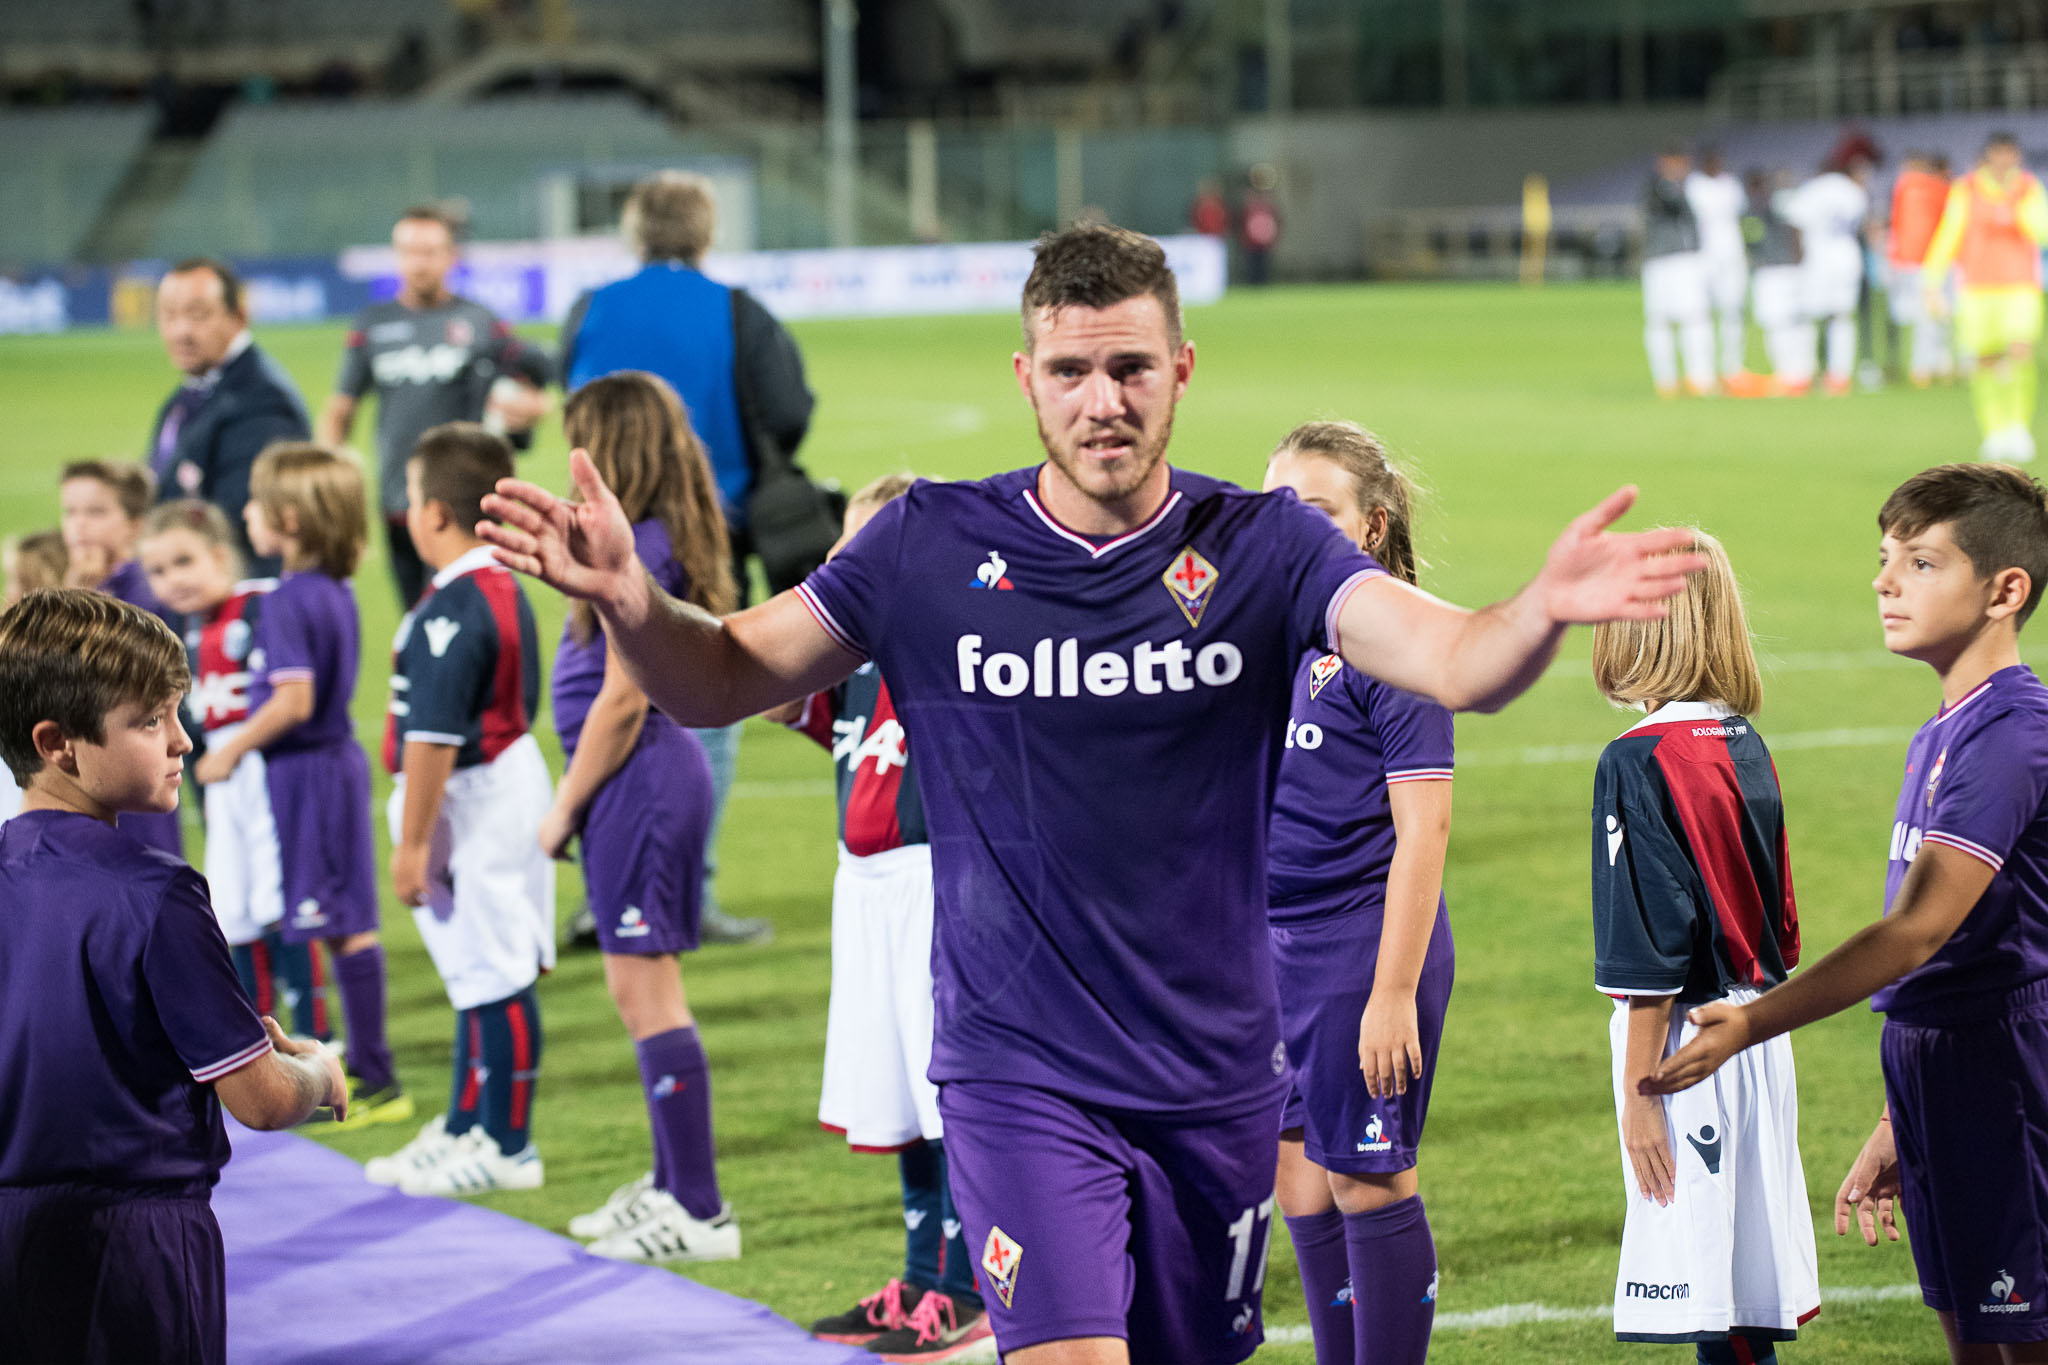 Repubblica, Badelj + Veretout + Benassi per fermare Dybala. Ecco la formula di Pioli anti Juventus